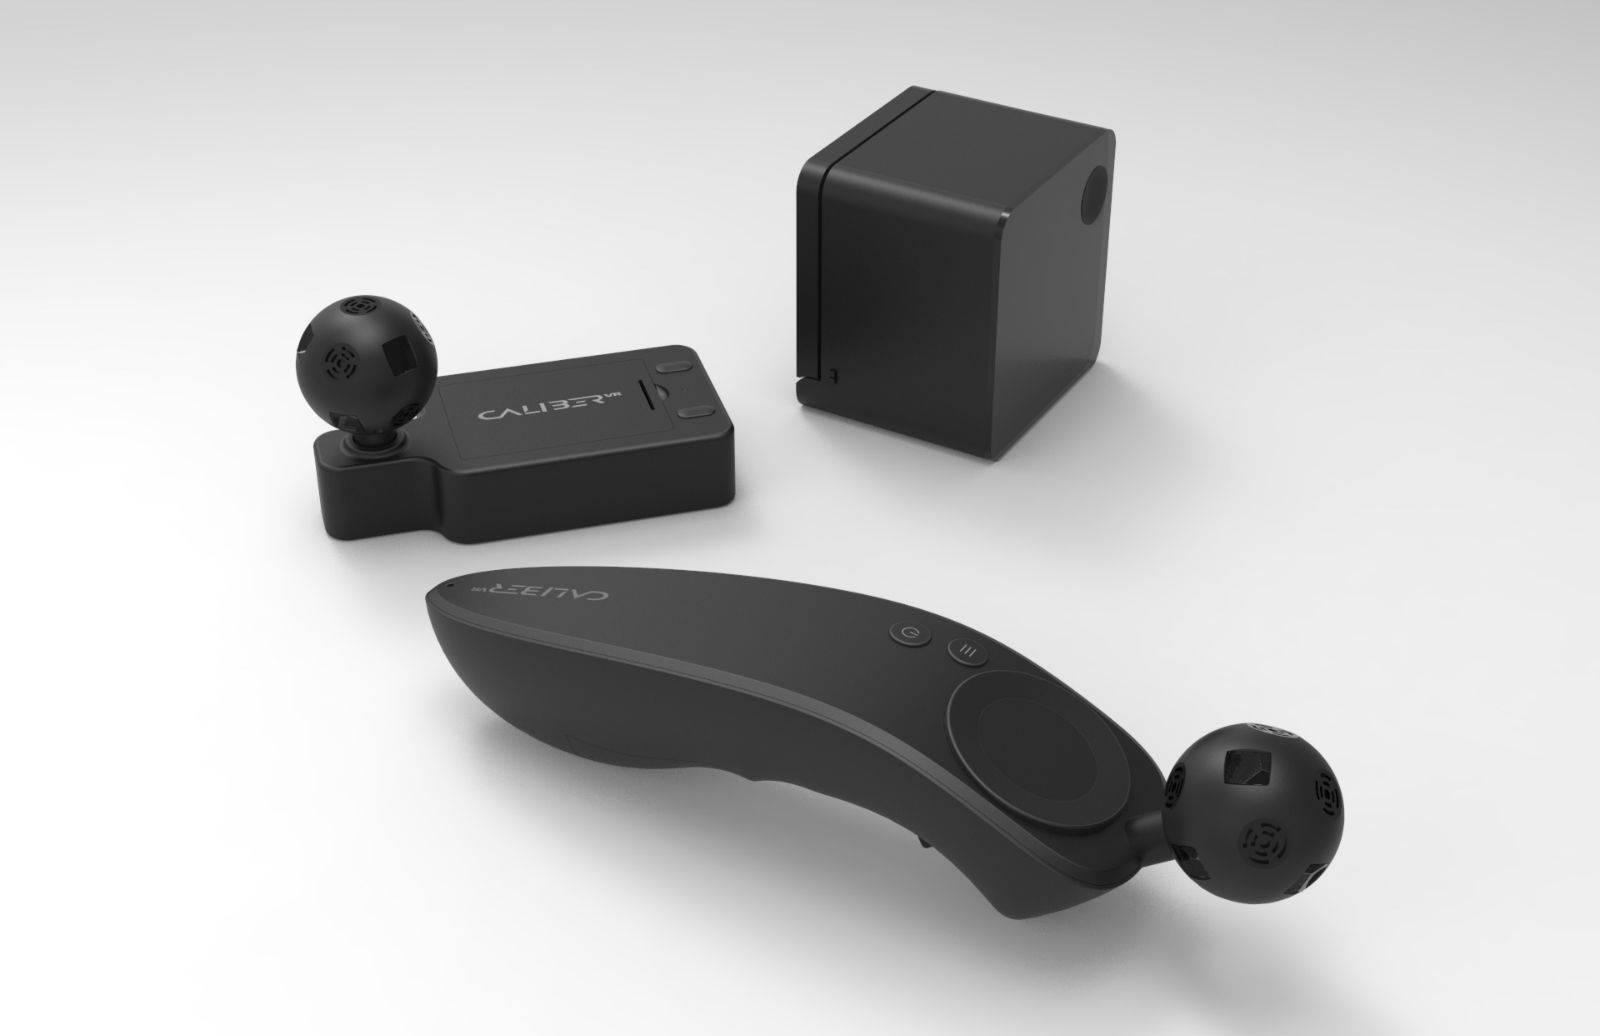 这家公司的产品想让纸盒 VR 媲美 Gear VR,如今被别人说「山寨」 | 极客公园